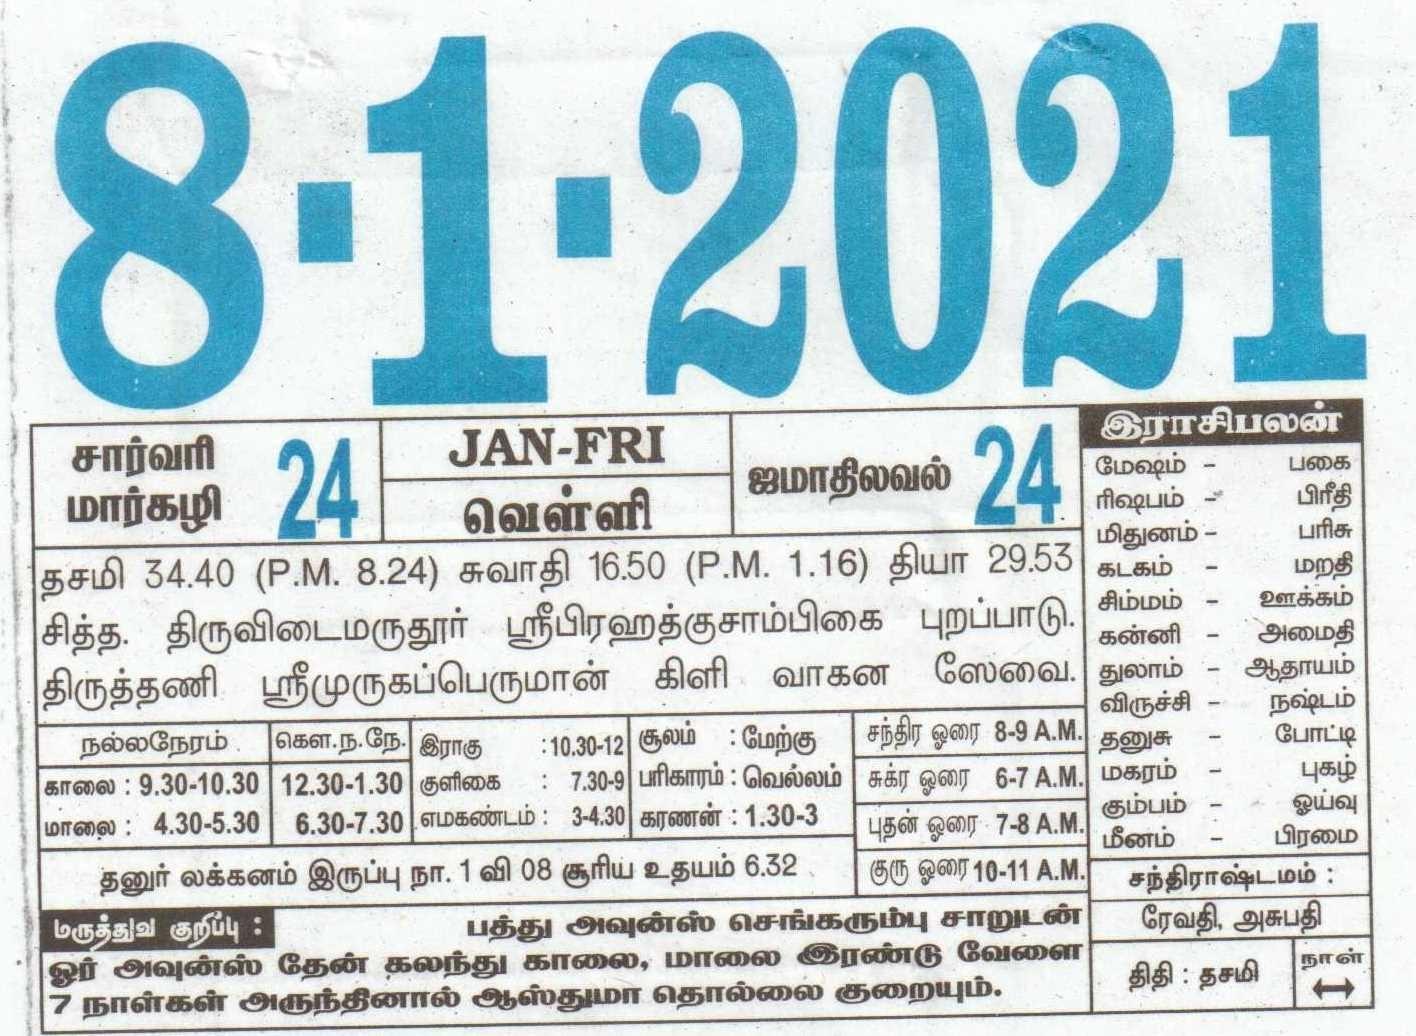 08-01-2021 Daily Calendar | Date 08 , January Daily Tear Off Calendar | Daily Panchangam Rasi Palan